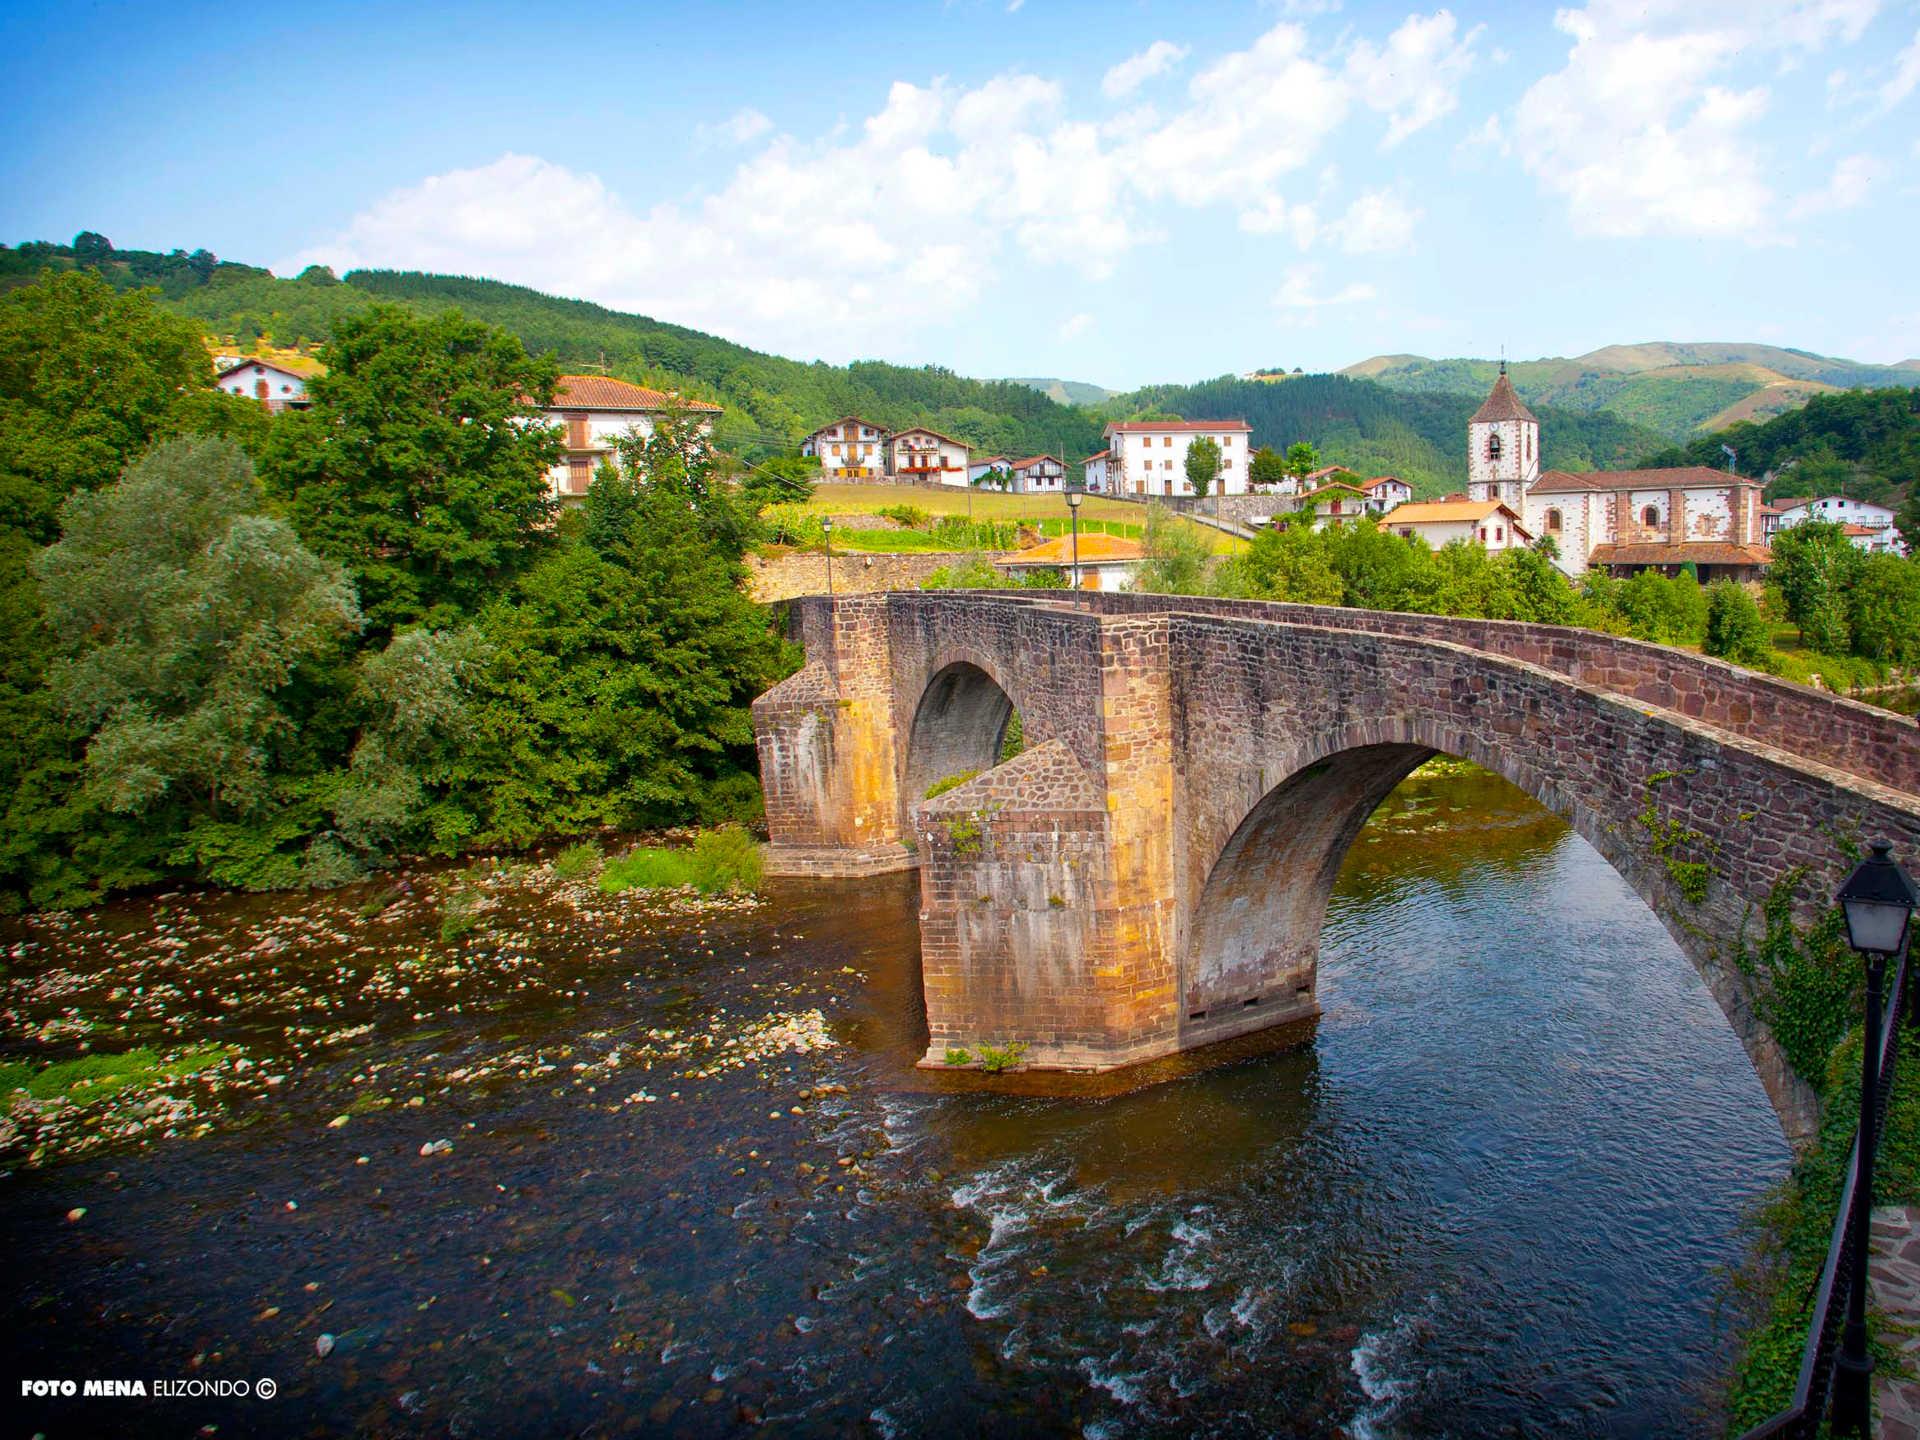 pays basque, vacances Espagne, vacances à la montagne Apartamentuak sunbillan, apartamentuak nafarroan, apartamentuak baztanen, apartamentuak baztan bidasoan, landetxea sunbillan, landetxea baztanen, landetxea baztan bidasoan,Sunbillako zubia